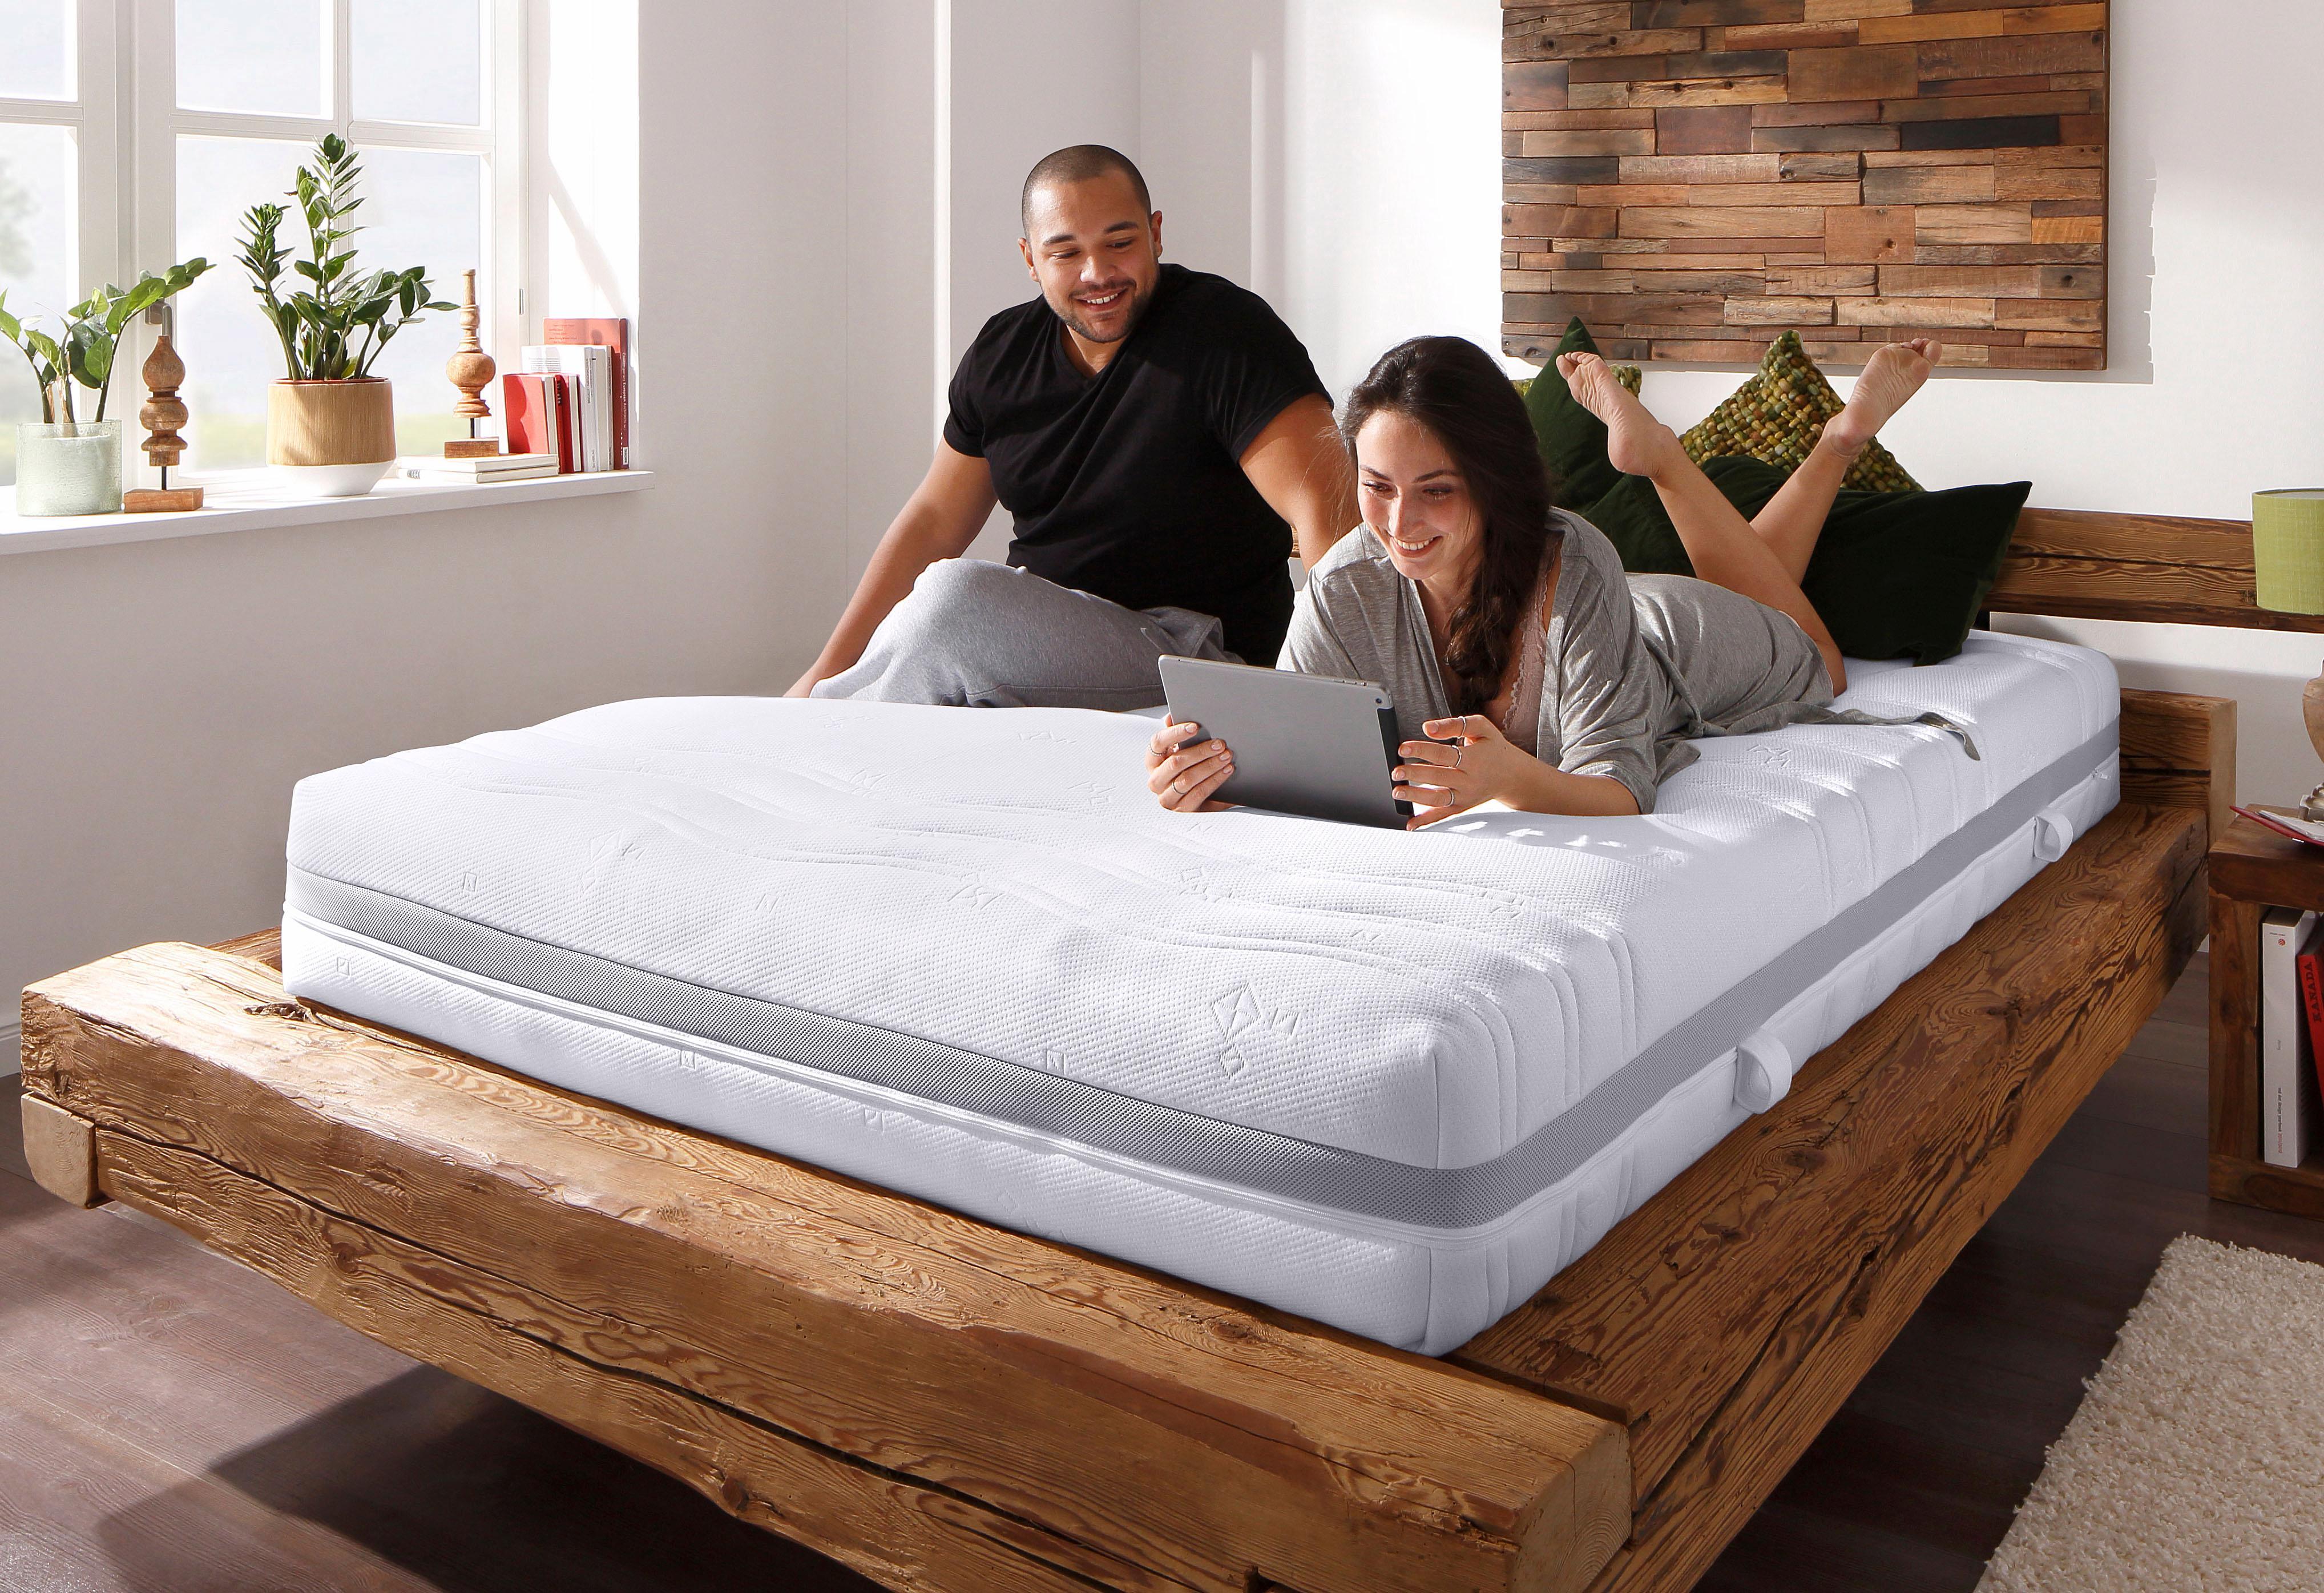 Kaltschaummatratze »Perfect Comfort fo Me«, Beco, 25 cm hoch, Raumgewicht: 40   Schlafzimmer > Matratzen > Kaltschaum-matratzen   BECO